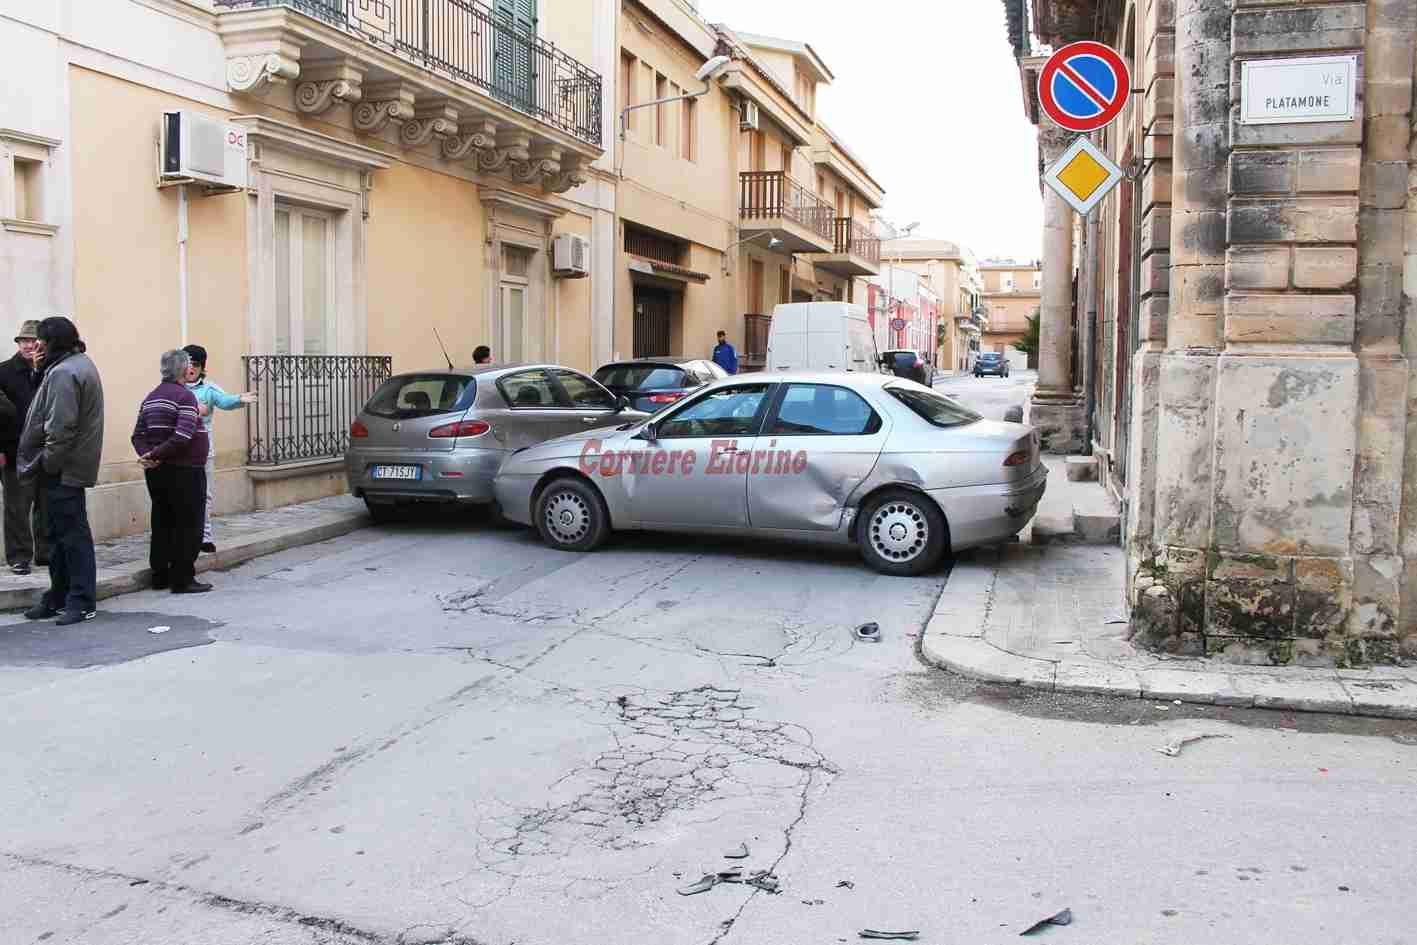 """Non si ferma allo """"Stop"""", provoca incidente multiplo e scappa"""